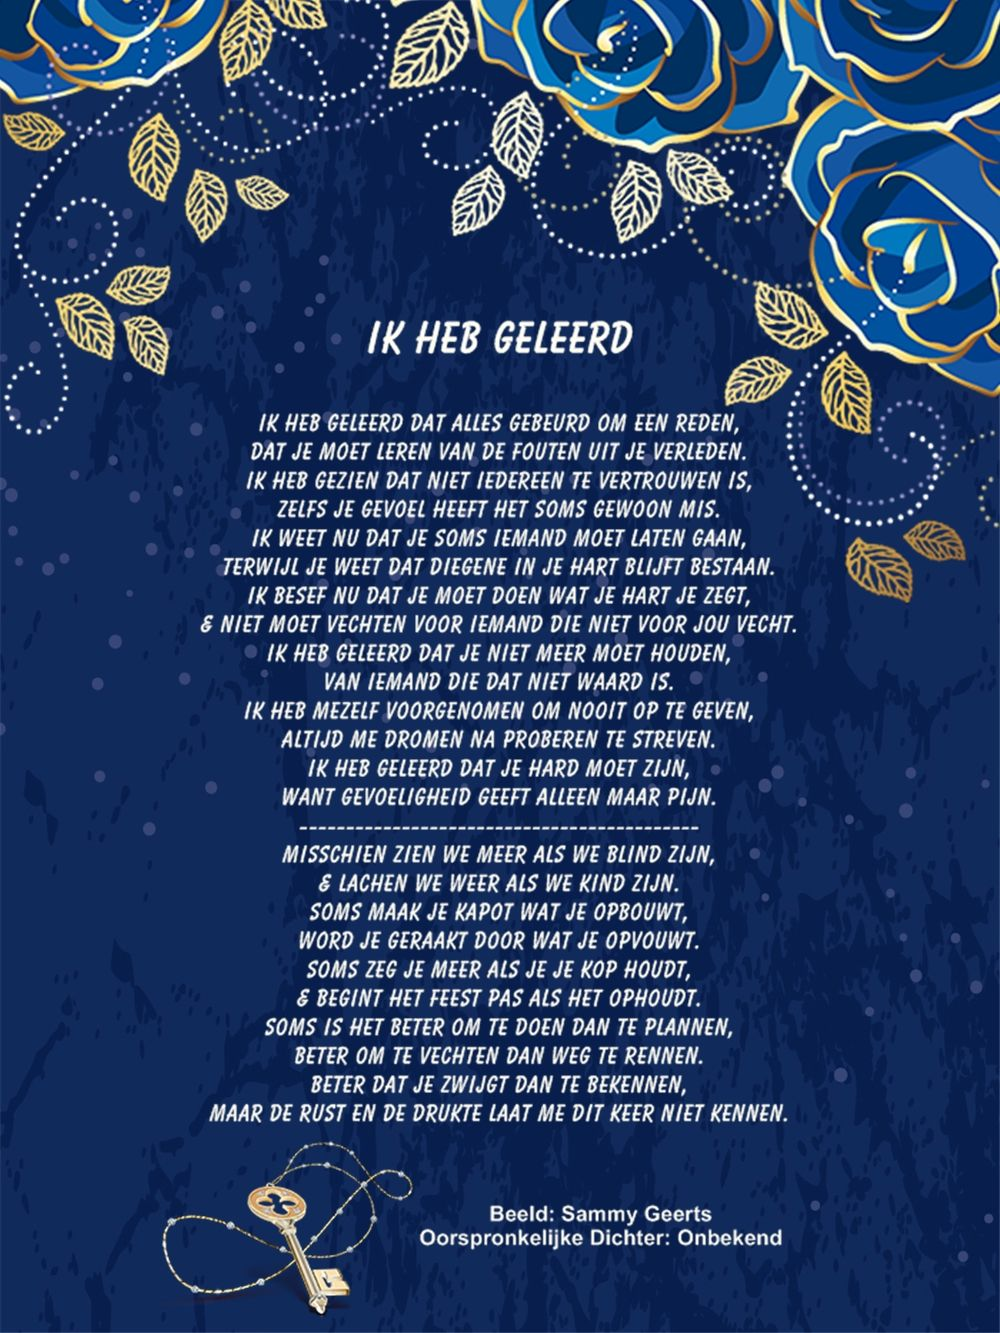 Citaten Uit Gedichten : Ik heb geleerd spreuken gedichten gezegden en citaten